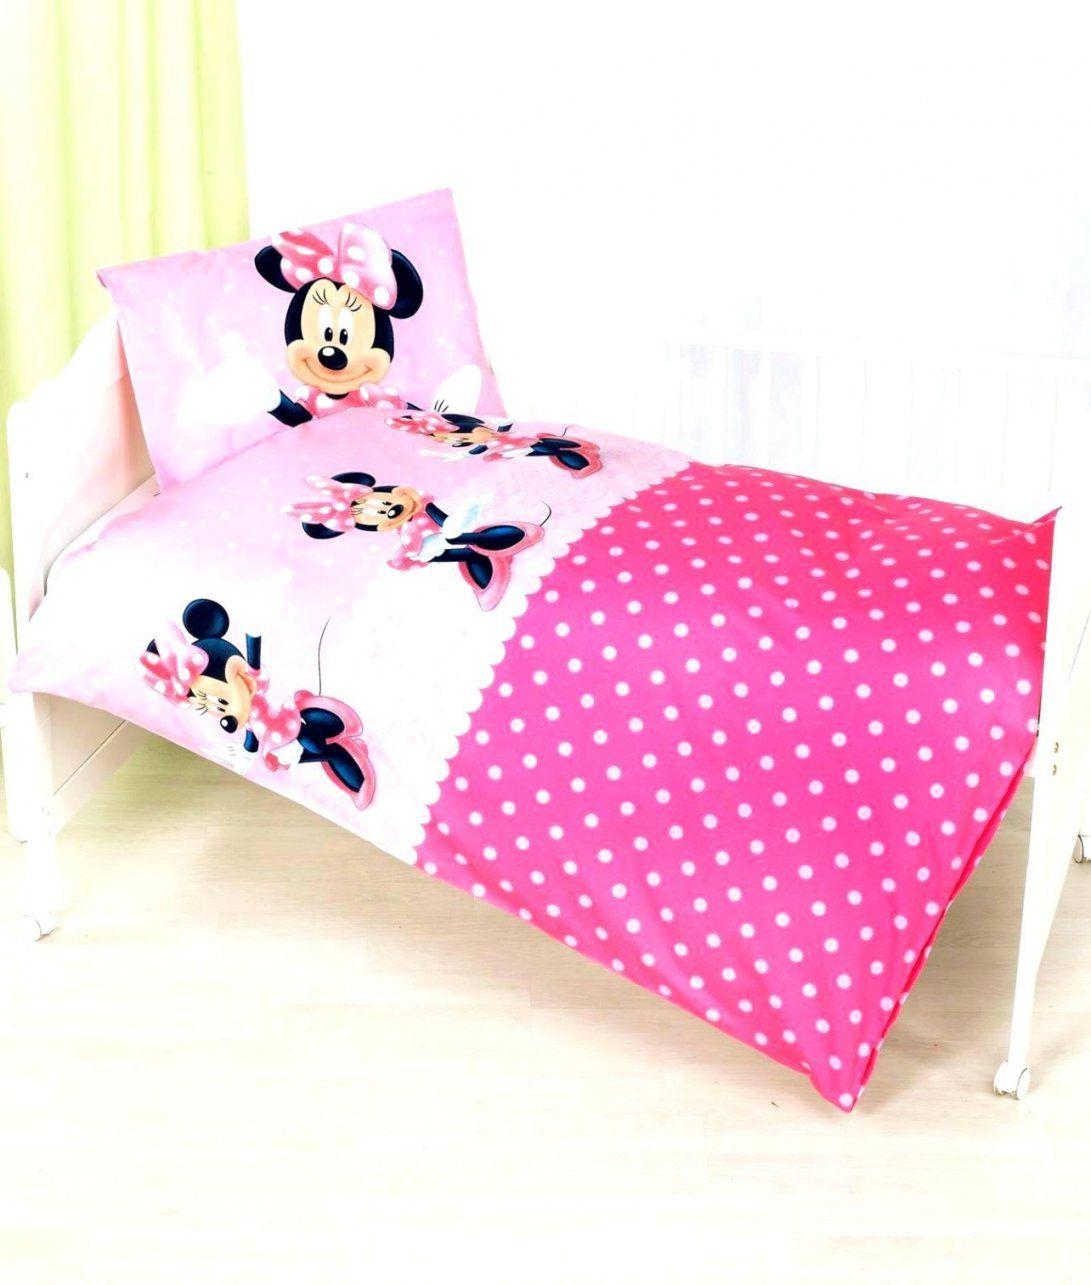 Schön Micky Maus Bettwäsche 155X220 Ideen Für Zuhause Von Micky Maus von Minnie Maus Bettwäsche 100X135 Photo